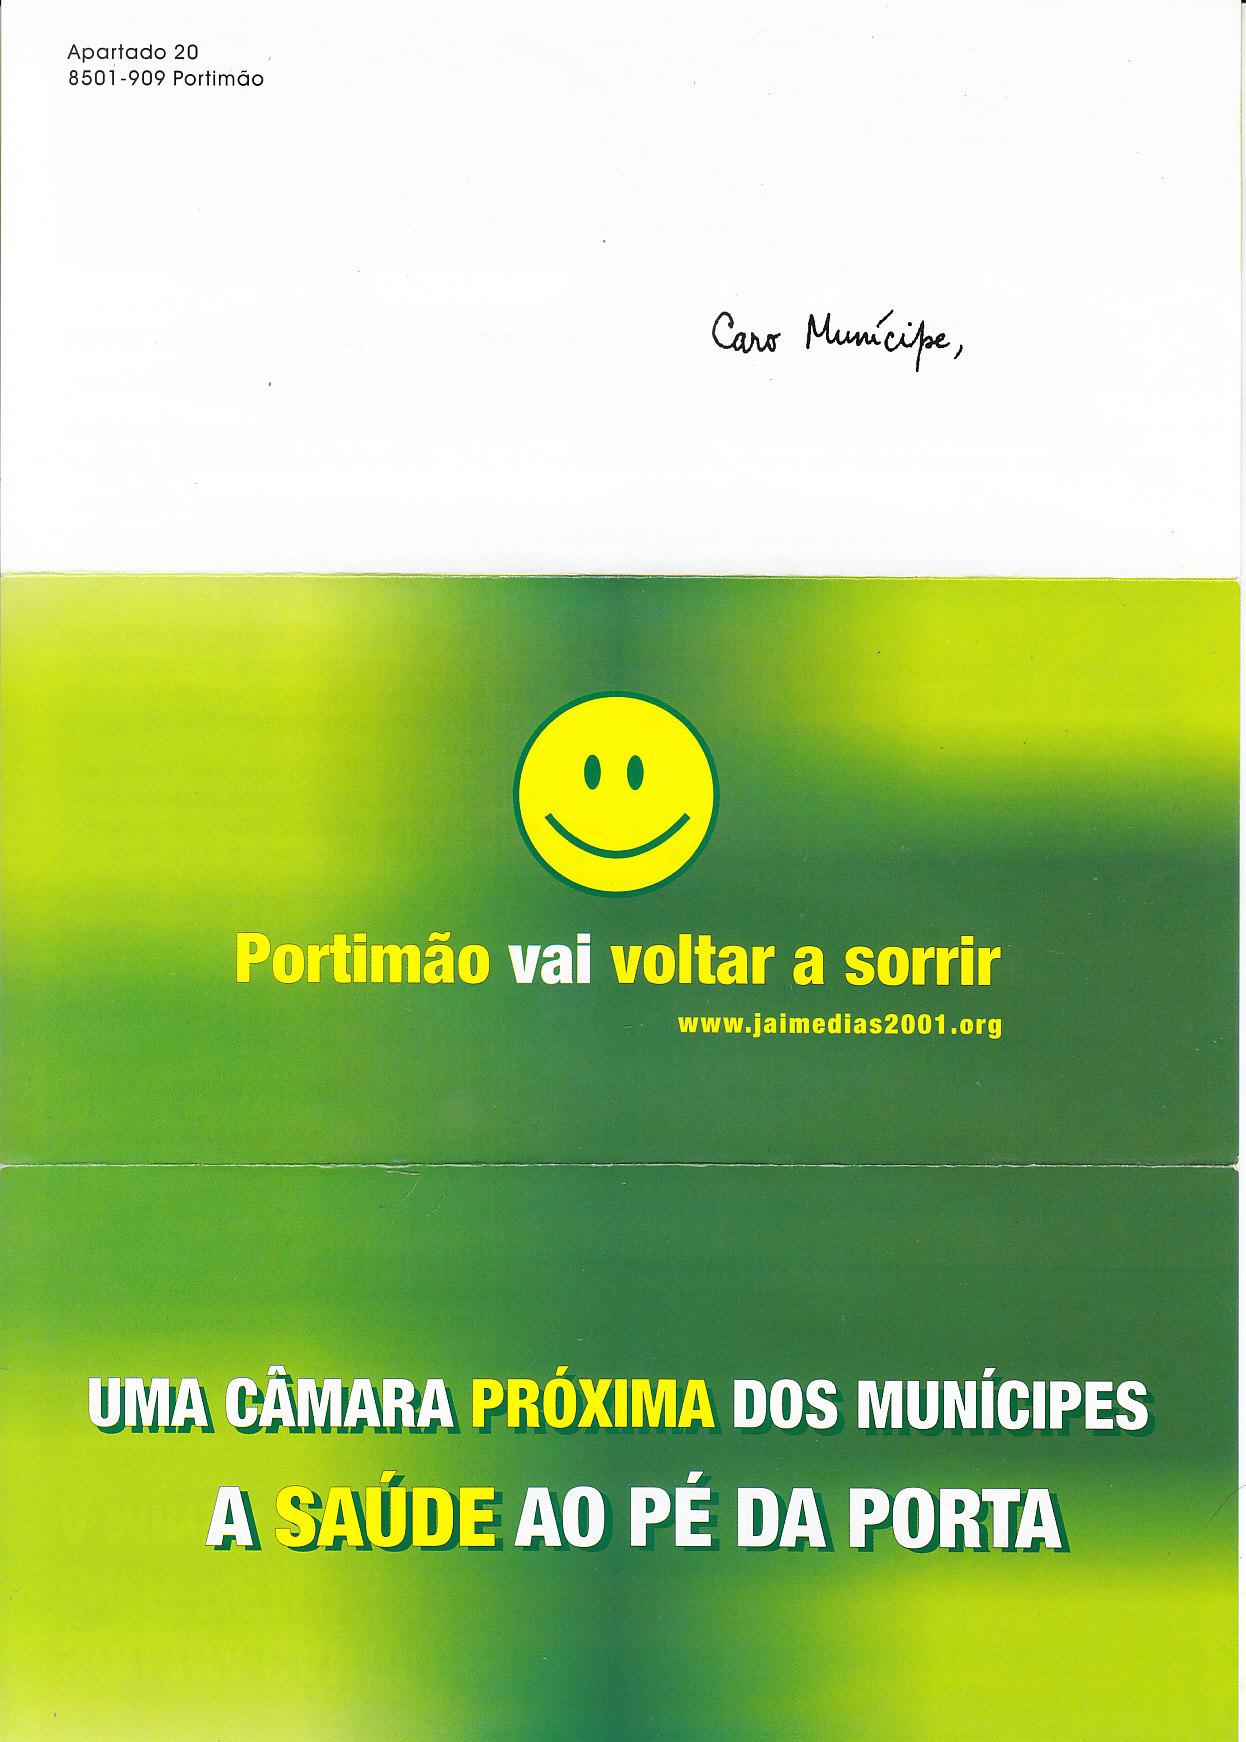 Jaime_Dias_Portimao_2001_0012